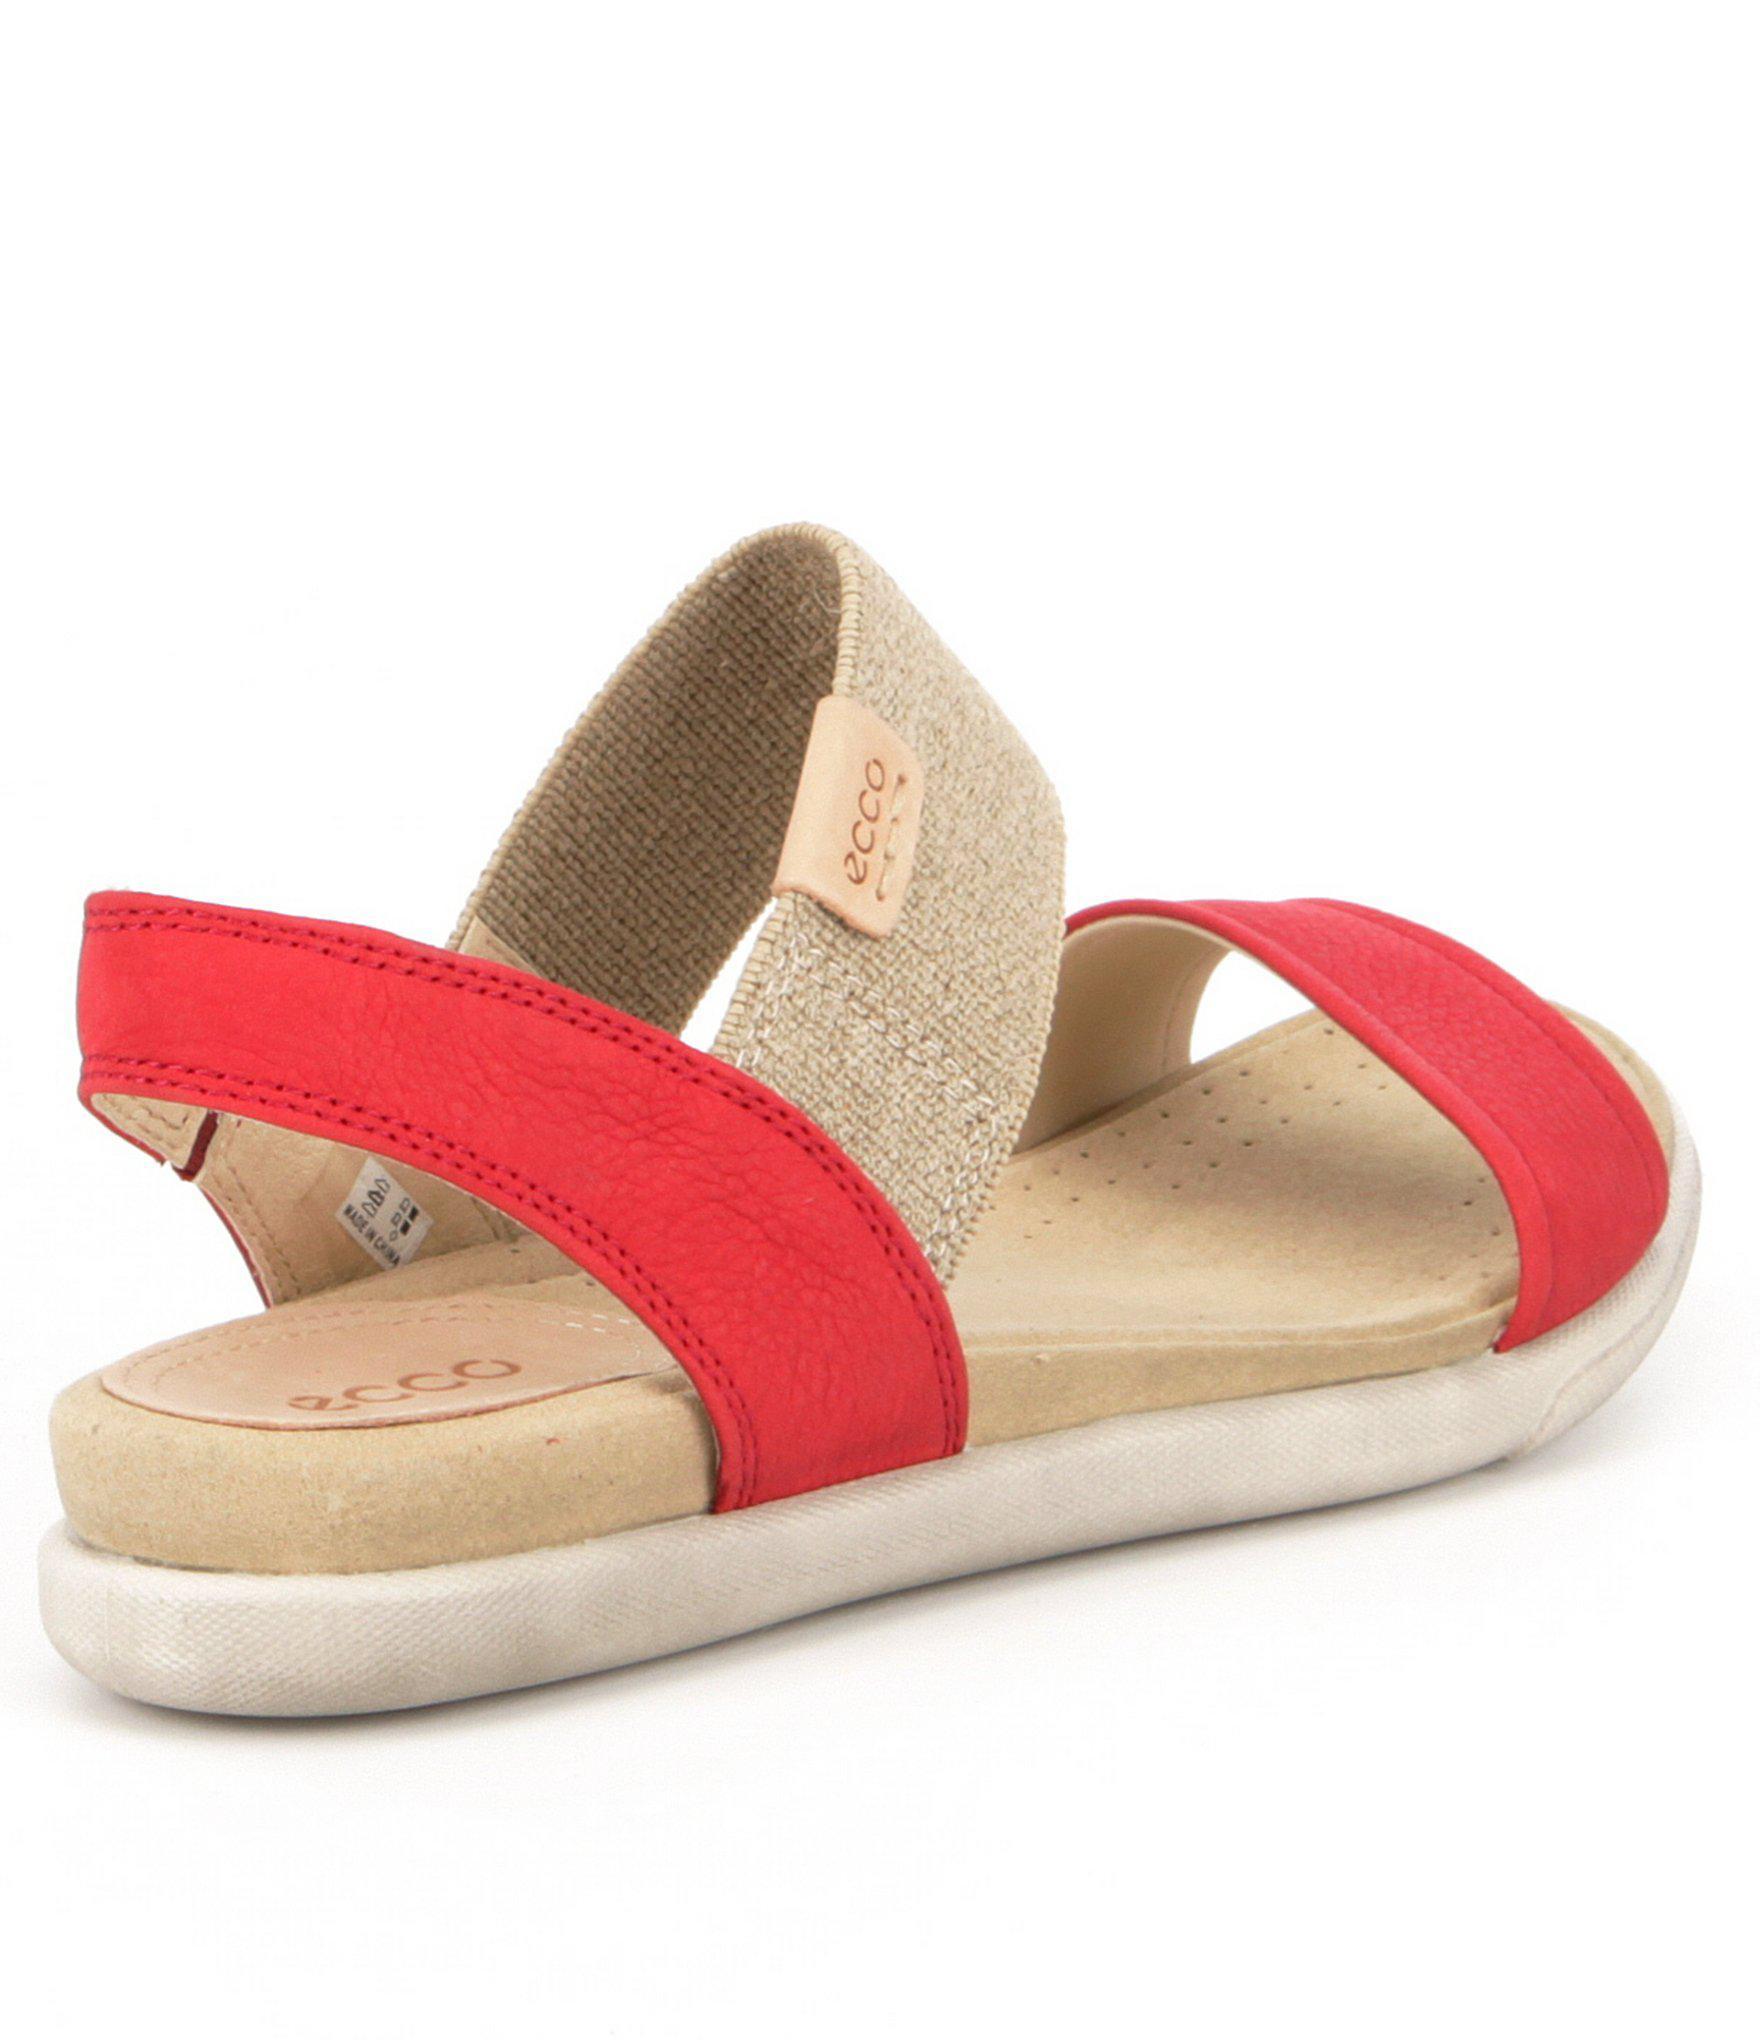 66fb11e5d7b9 Ecco Damara Women S Sandals in Red - Lyst